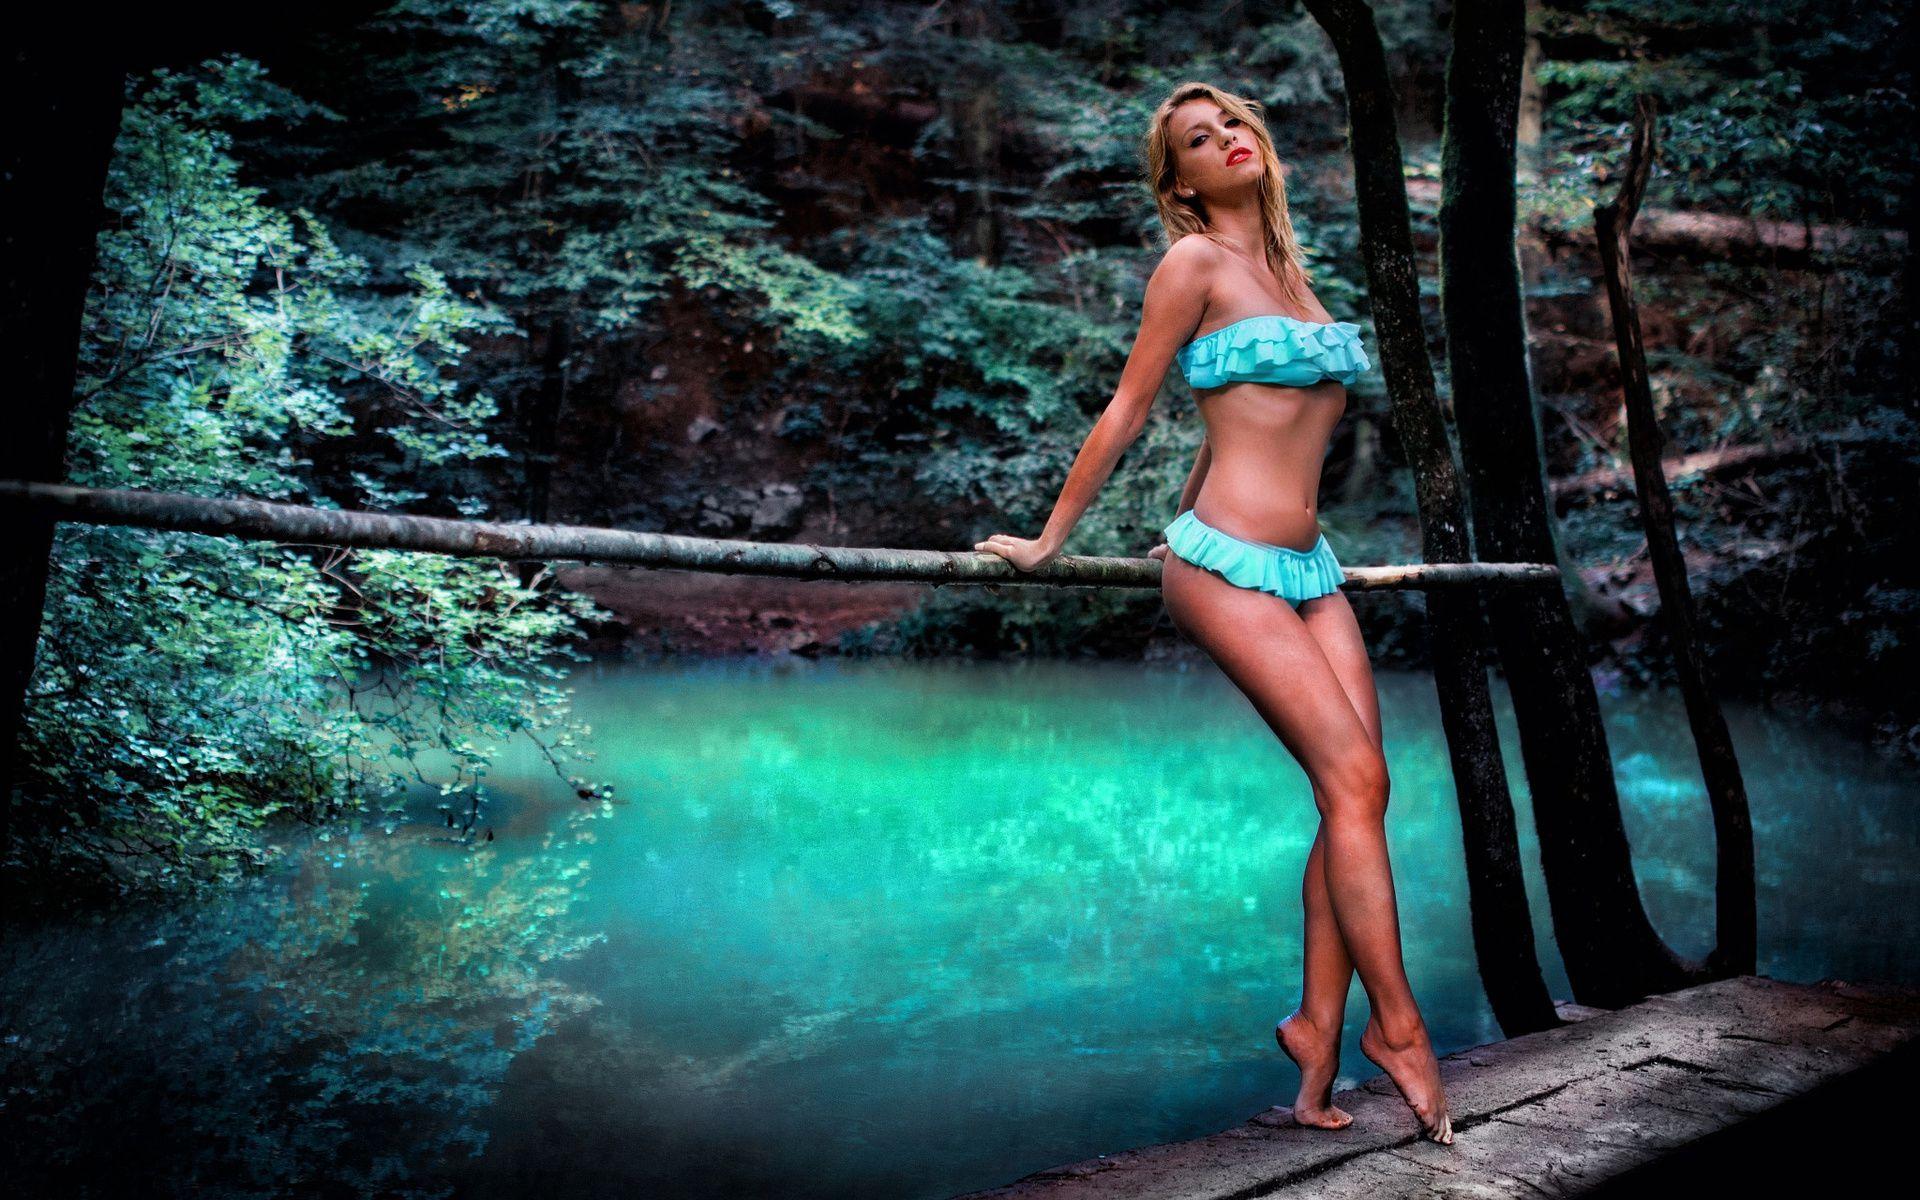 Секс девушки озеро, Русские семьи голые на озере -видео. Смотреть 4 фотография